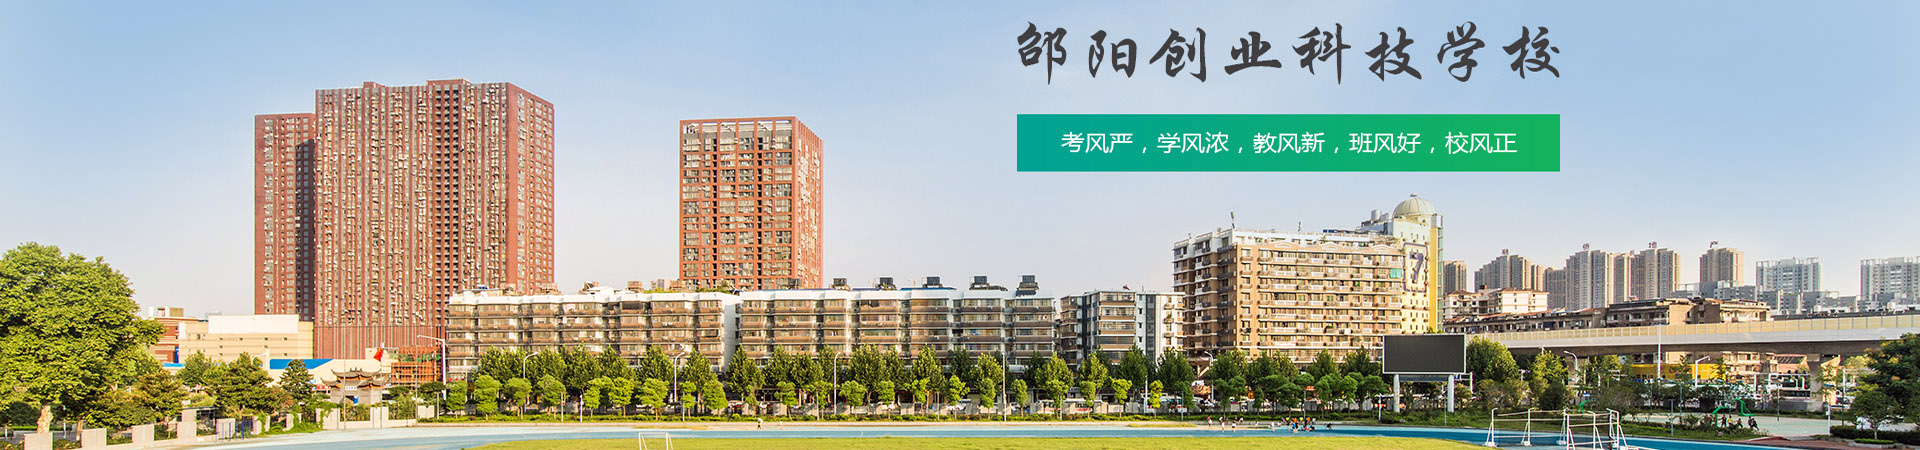 邵阳创业科技学校